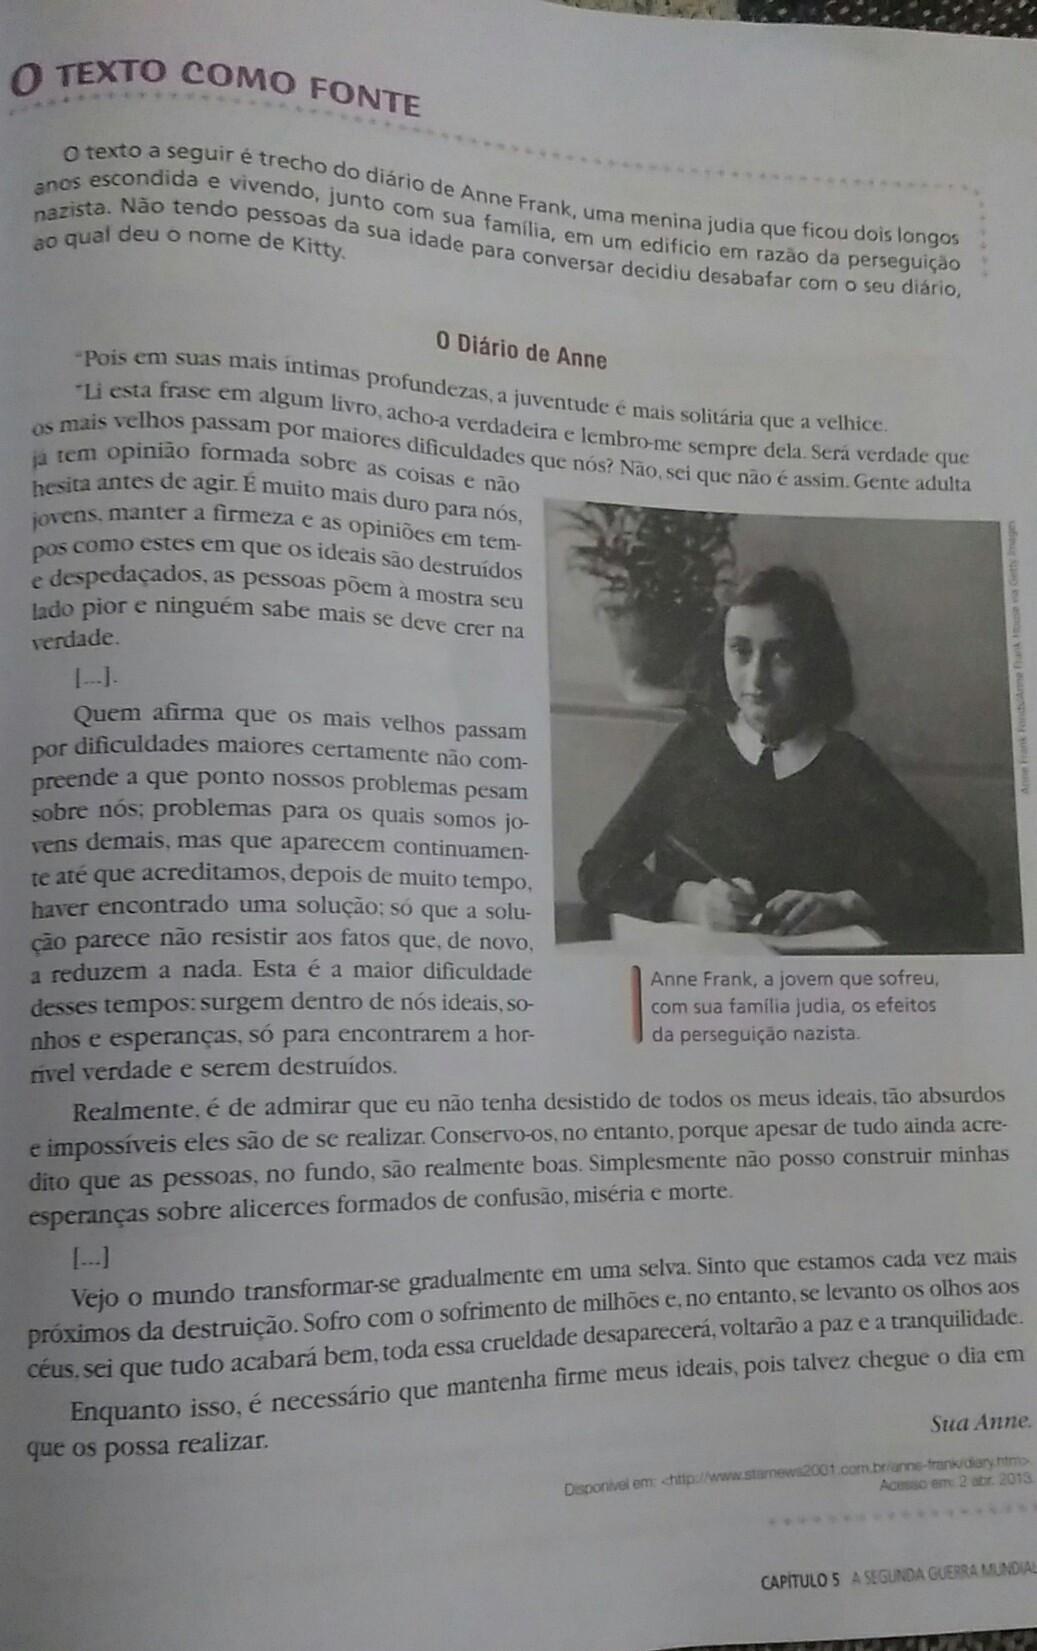 Que Argumento Anne Frank Usa Para Dizer Que Os Jovens Passam Por